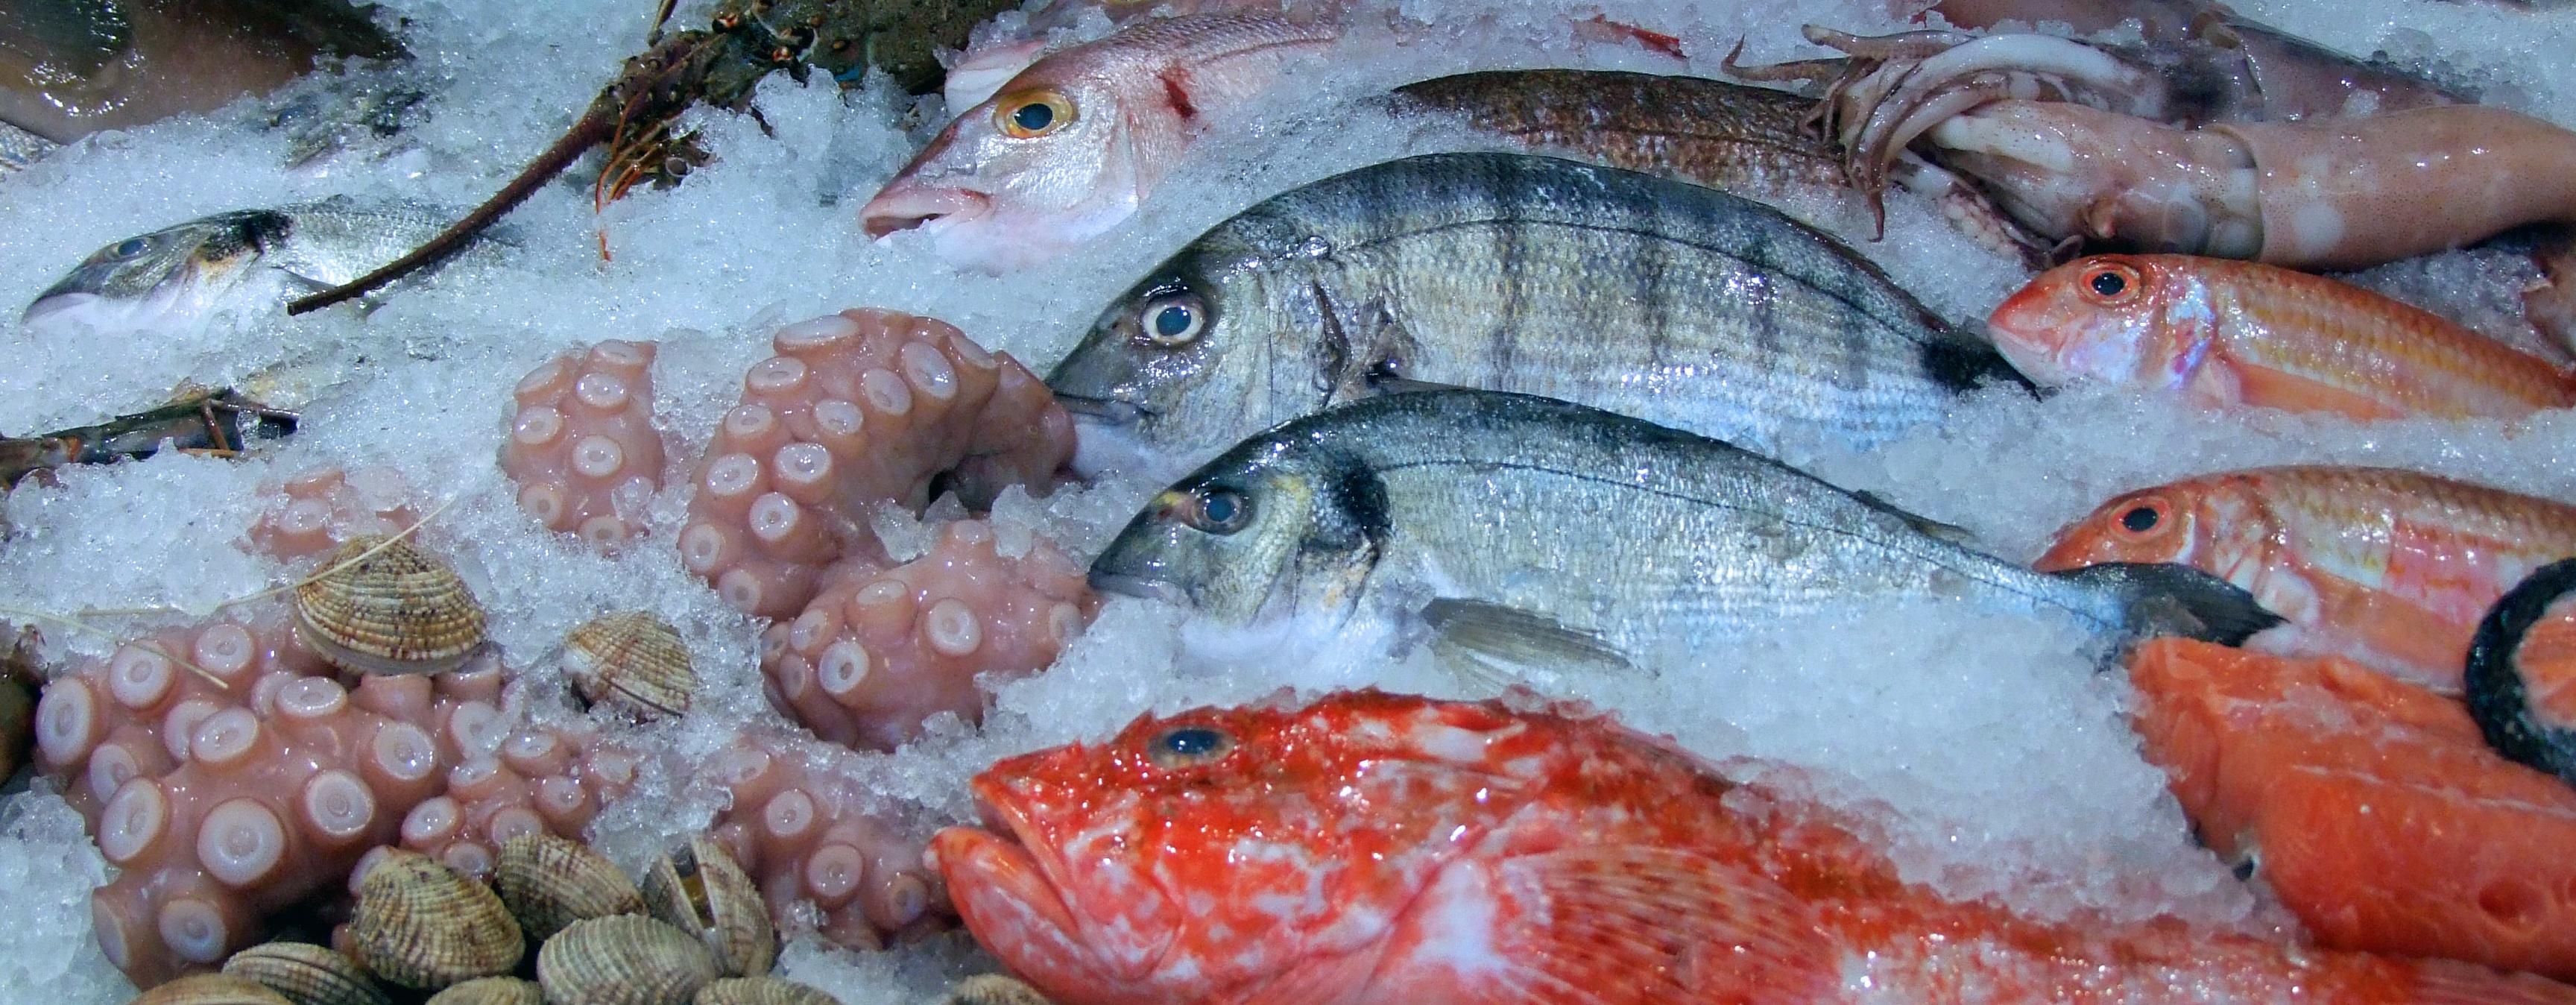 Riba u prehrani